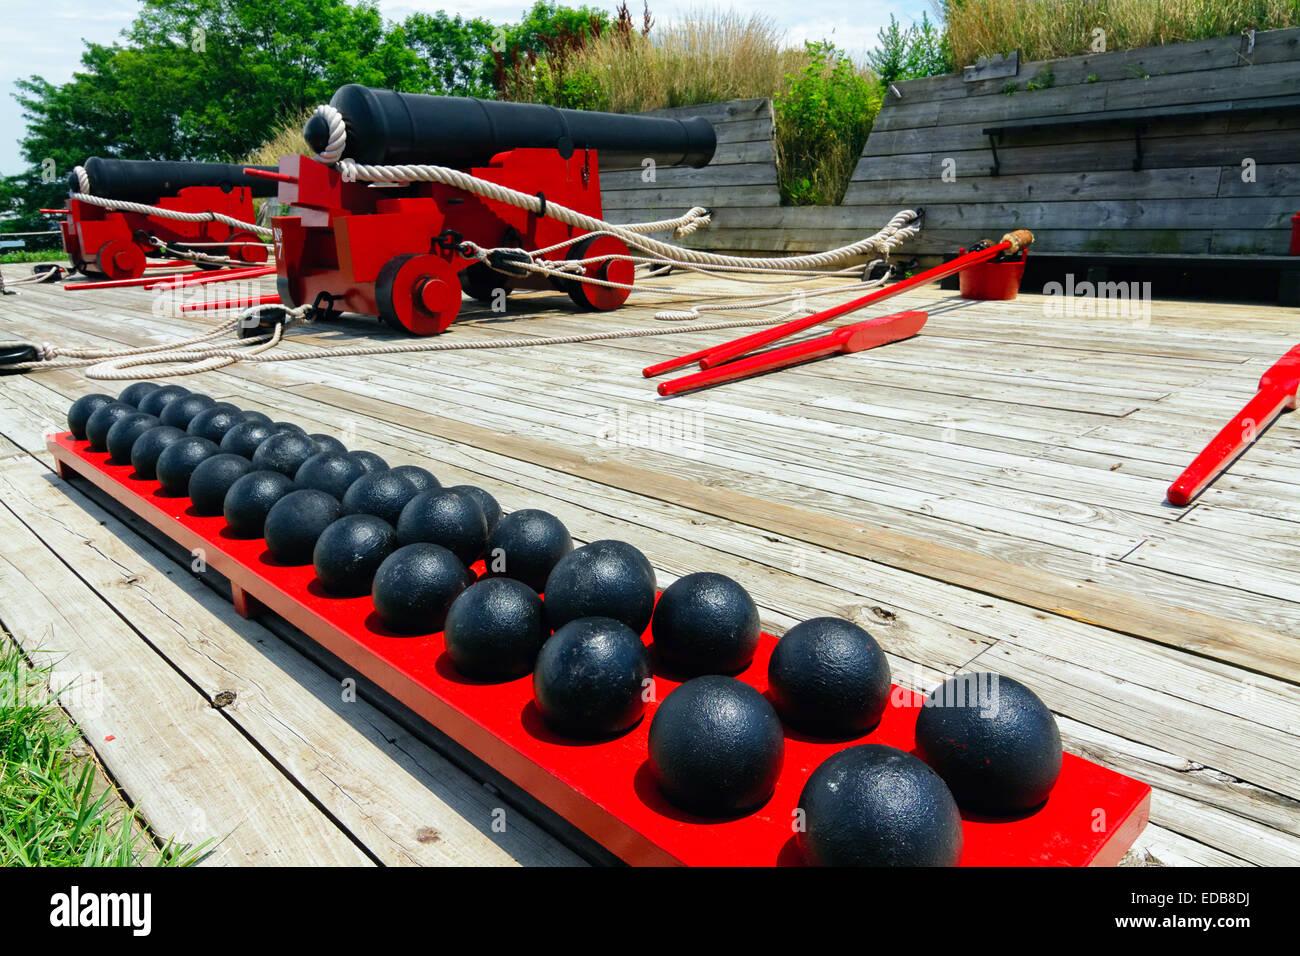 Ramp Ball Stock Photos & Ramp Ball Stock Images - Alamy